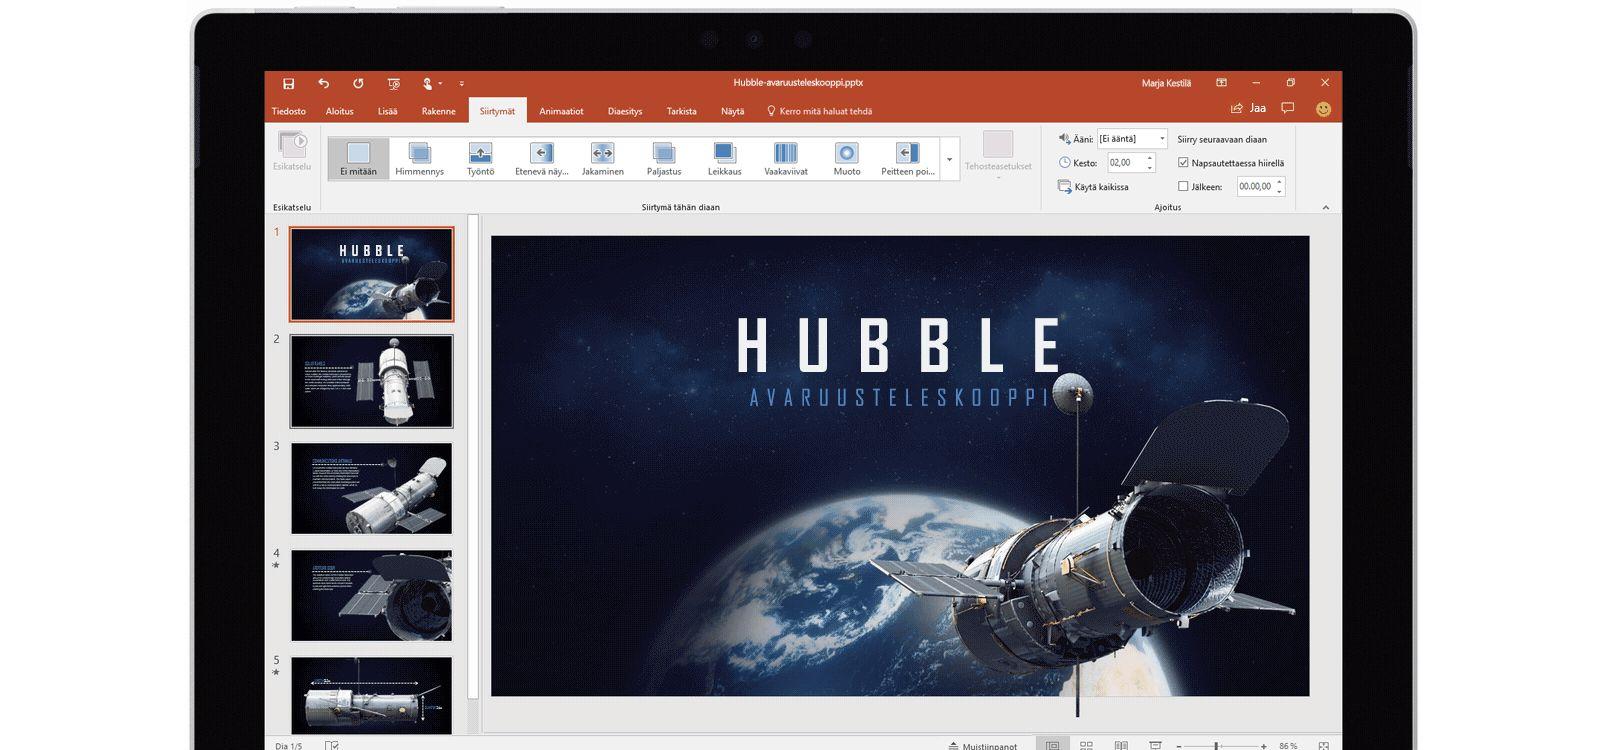 Tabletin näyttö, jossa näkyy miten Muodonvaihto-siirtymää käytetään avaruusteleskooppeja käsittelevässä PowerPoint-esityksessä